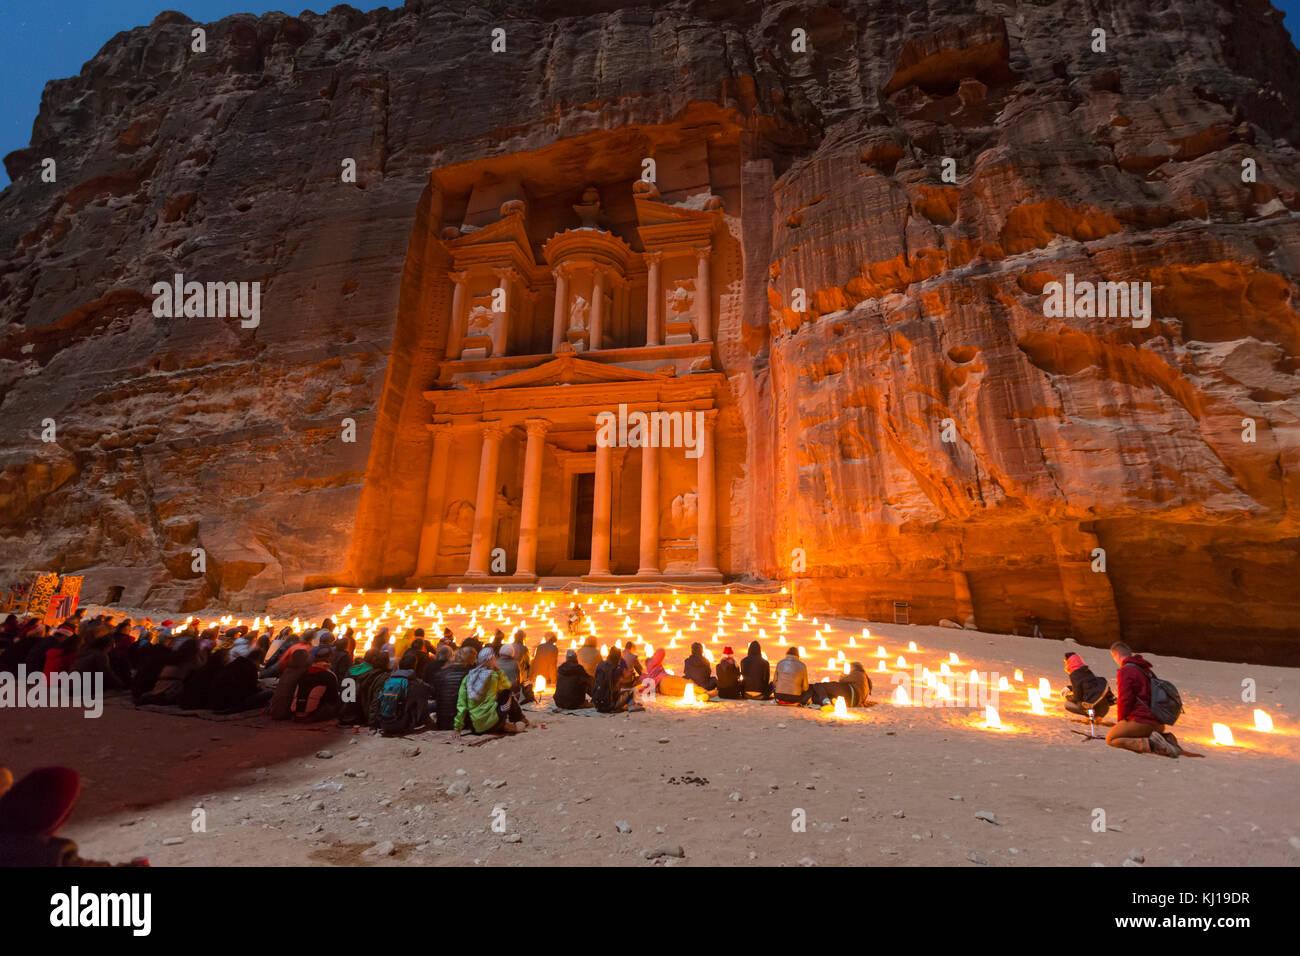 Petra, Jordanie, le 24 décembre 2015, le Conseil du Trésor, Petra de nuit. L'ancienne ville de Petra, Photo Stock